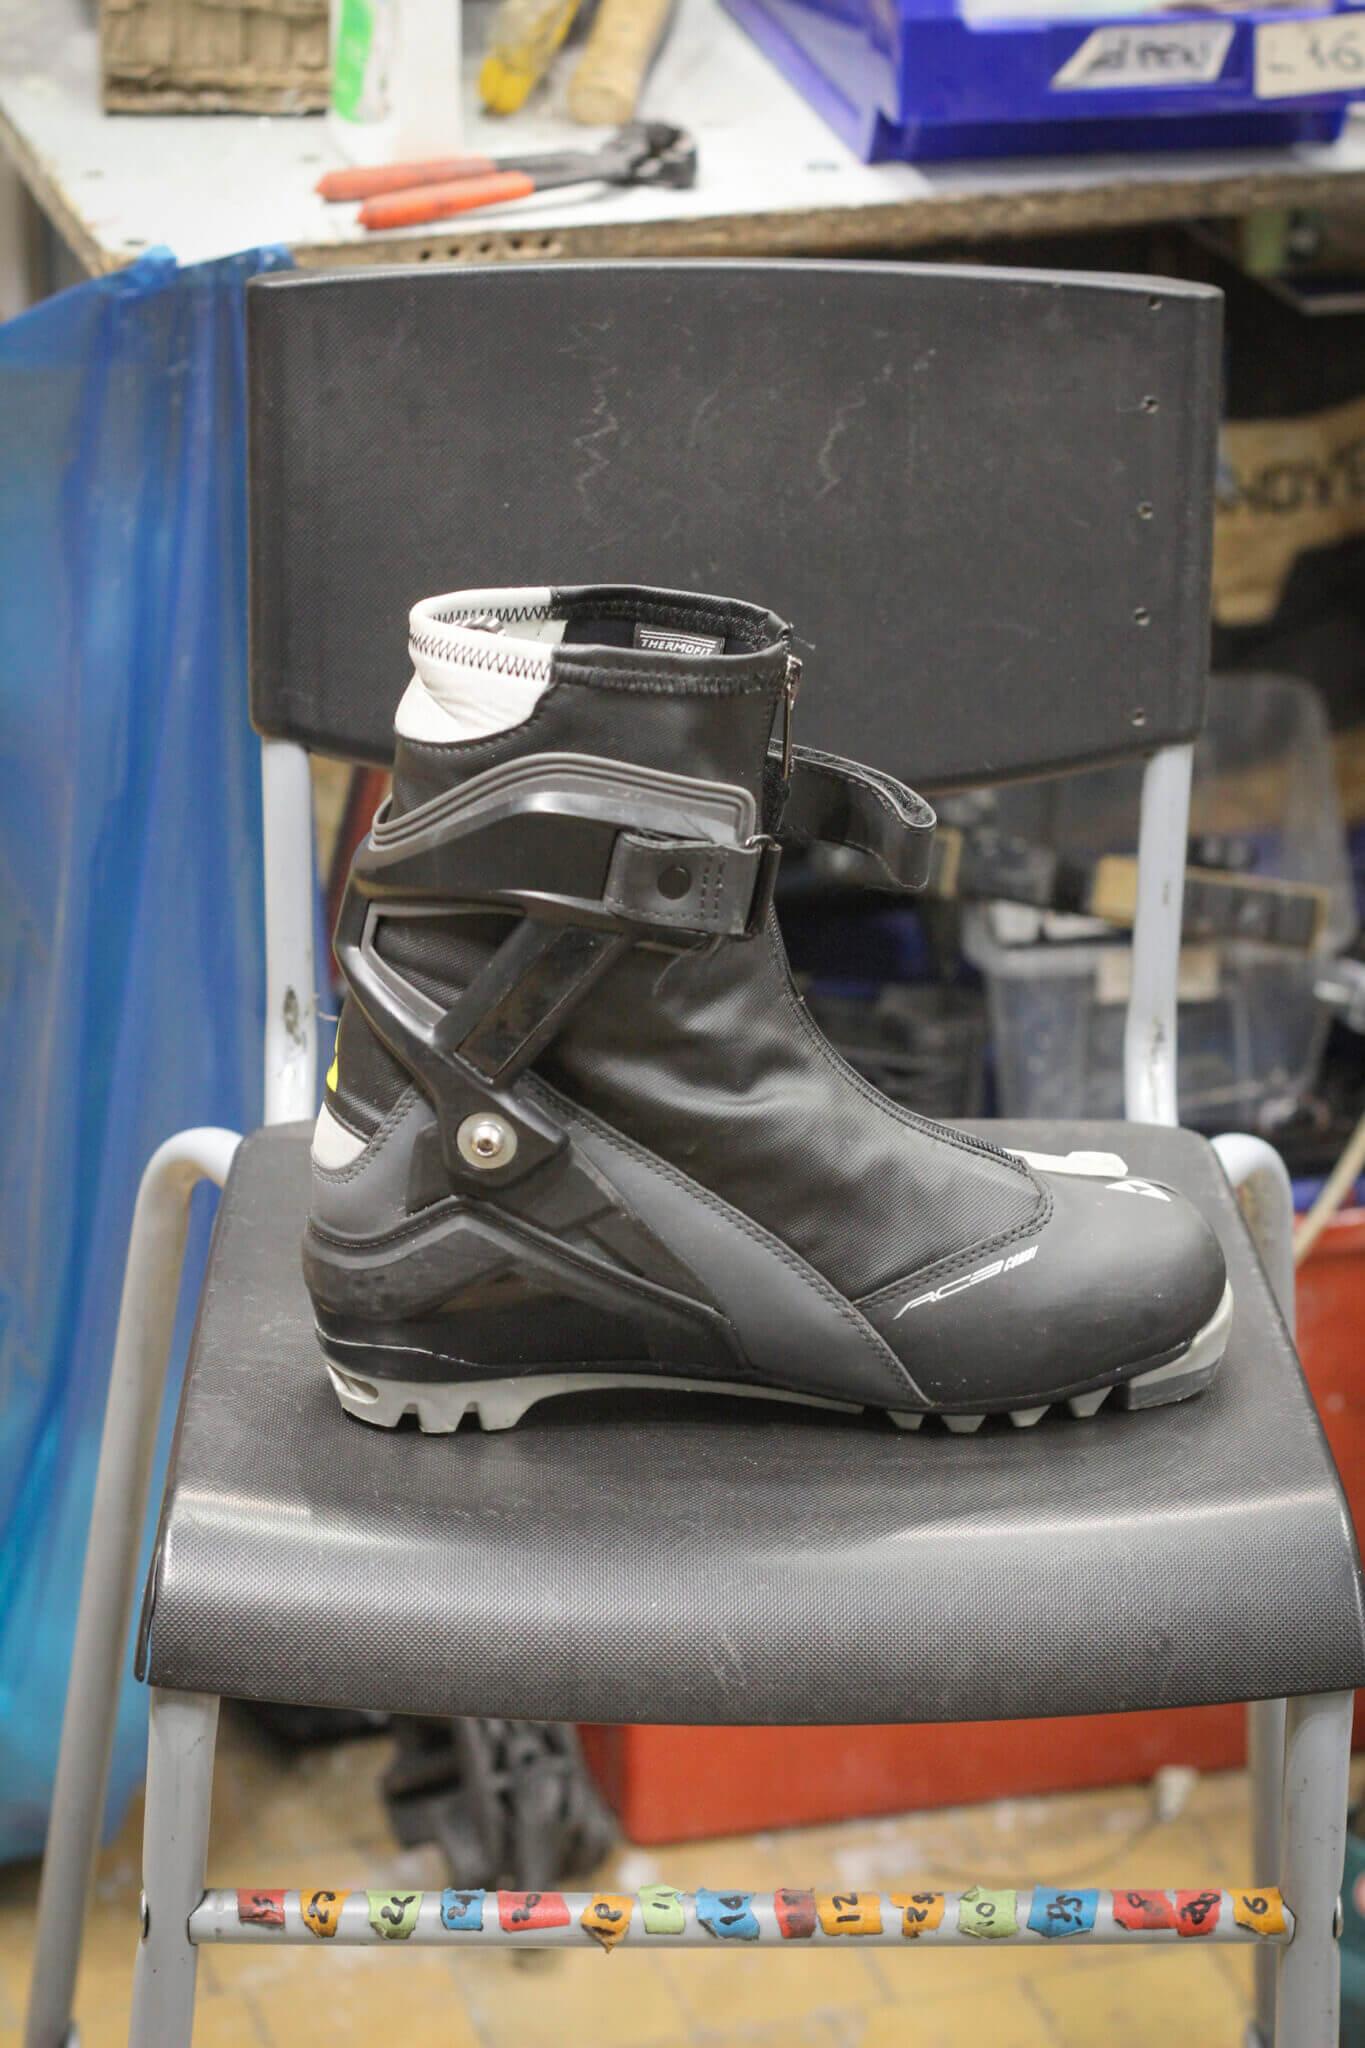 Ремонт шарнира лыжного ботинка для конькового хода